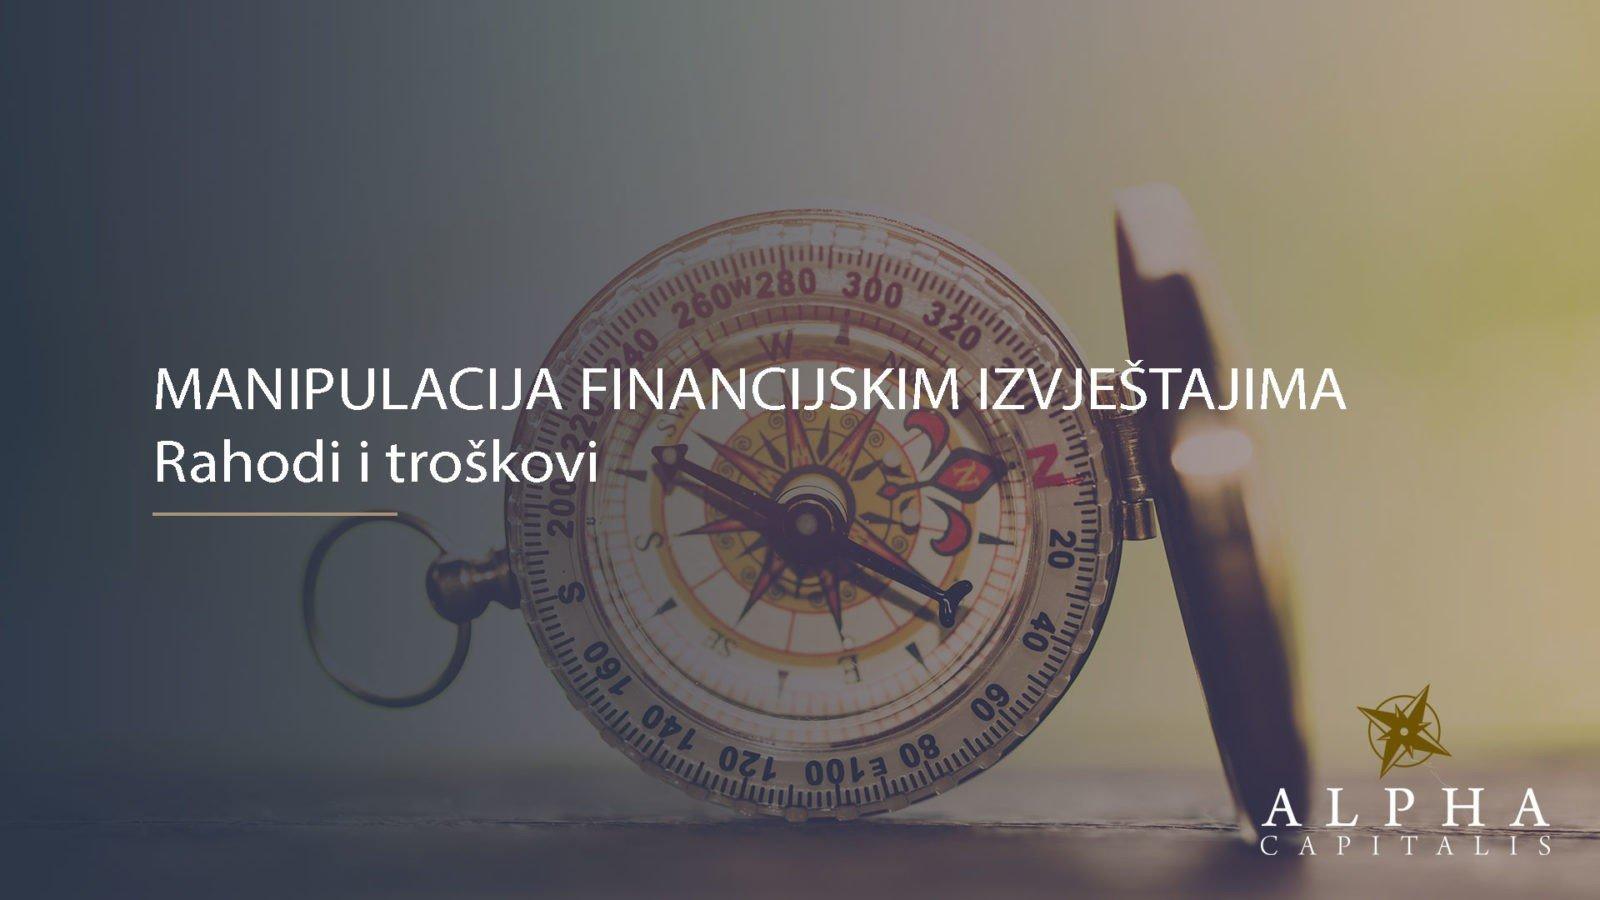 Manipulacija financijskim izvještajima rashodi 2019 01 20 - MANIPULACIJA FINANCIJSKIM IZVJEŠTAJIMA: Troškovi i rashodi